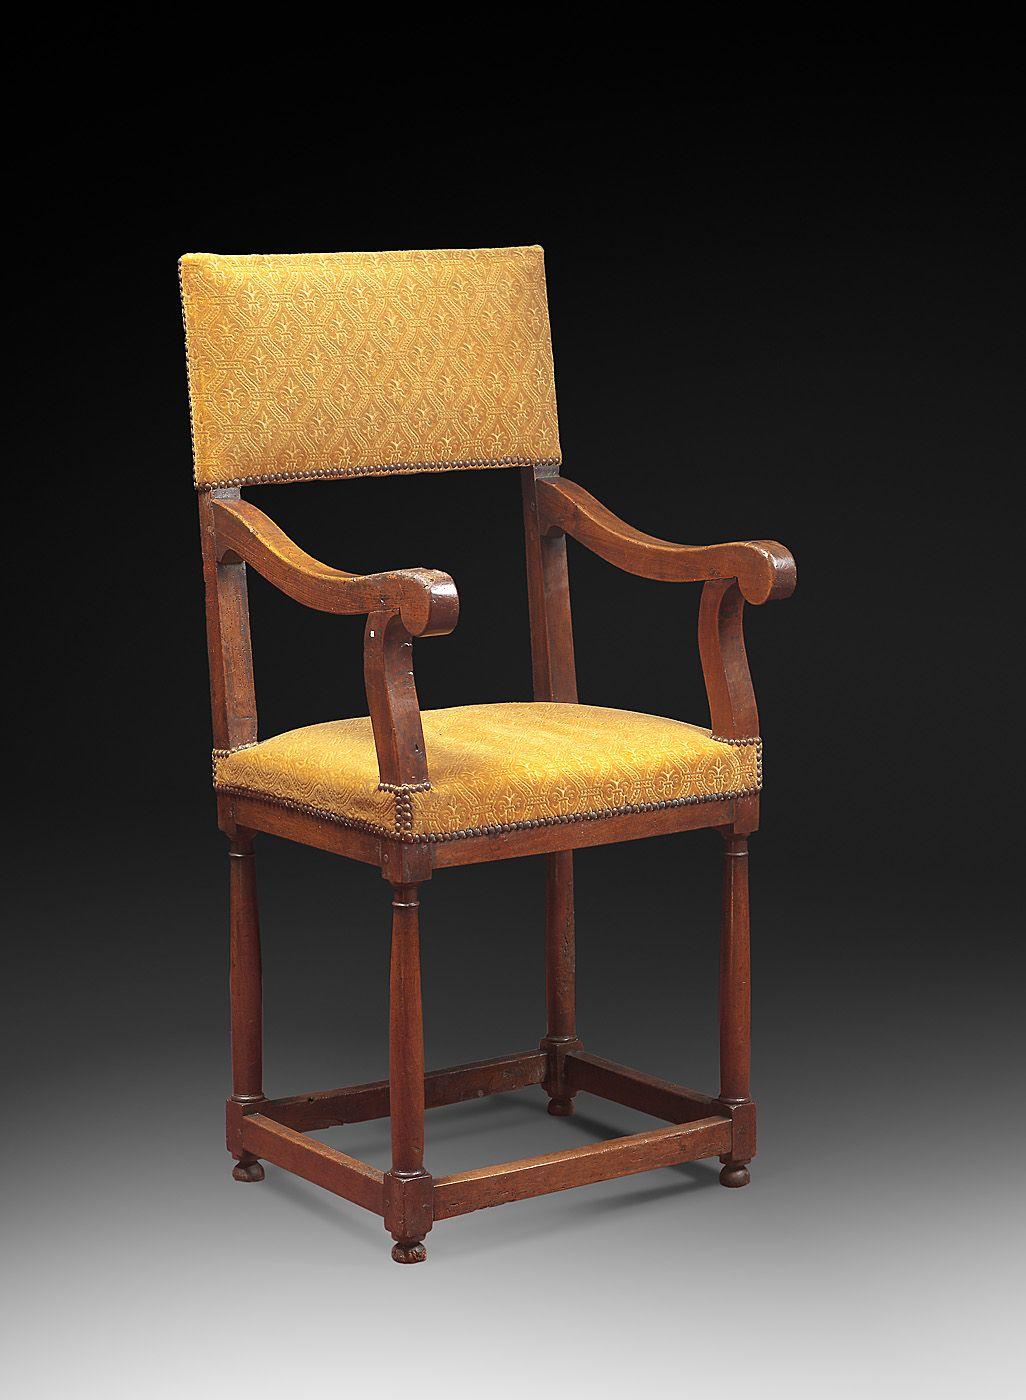 Antiquites Moyen Age Et Mobilier Renaissance Armchair Decor Furniture